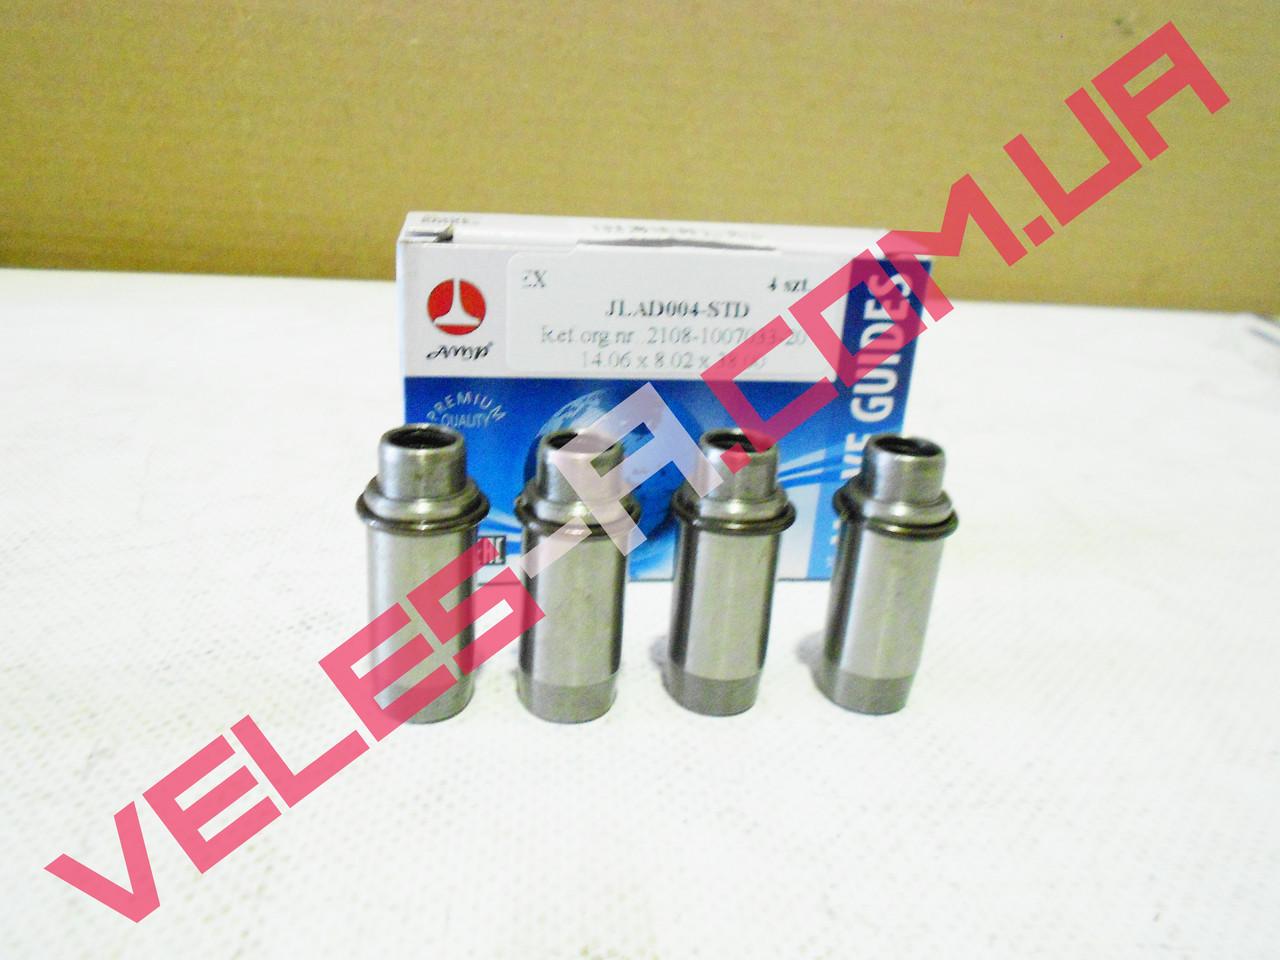 Направляющие втулки клапанов выпускные Ваз 2108, 2109, 21099, 2110, 2111, 2112, 2113, 2114, 2115 AMP